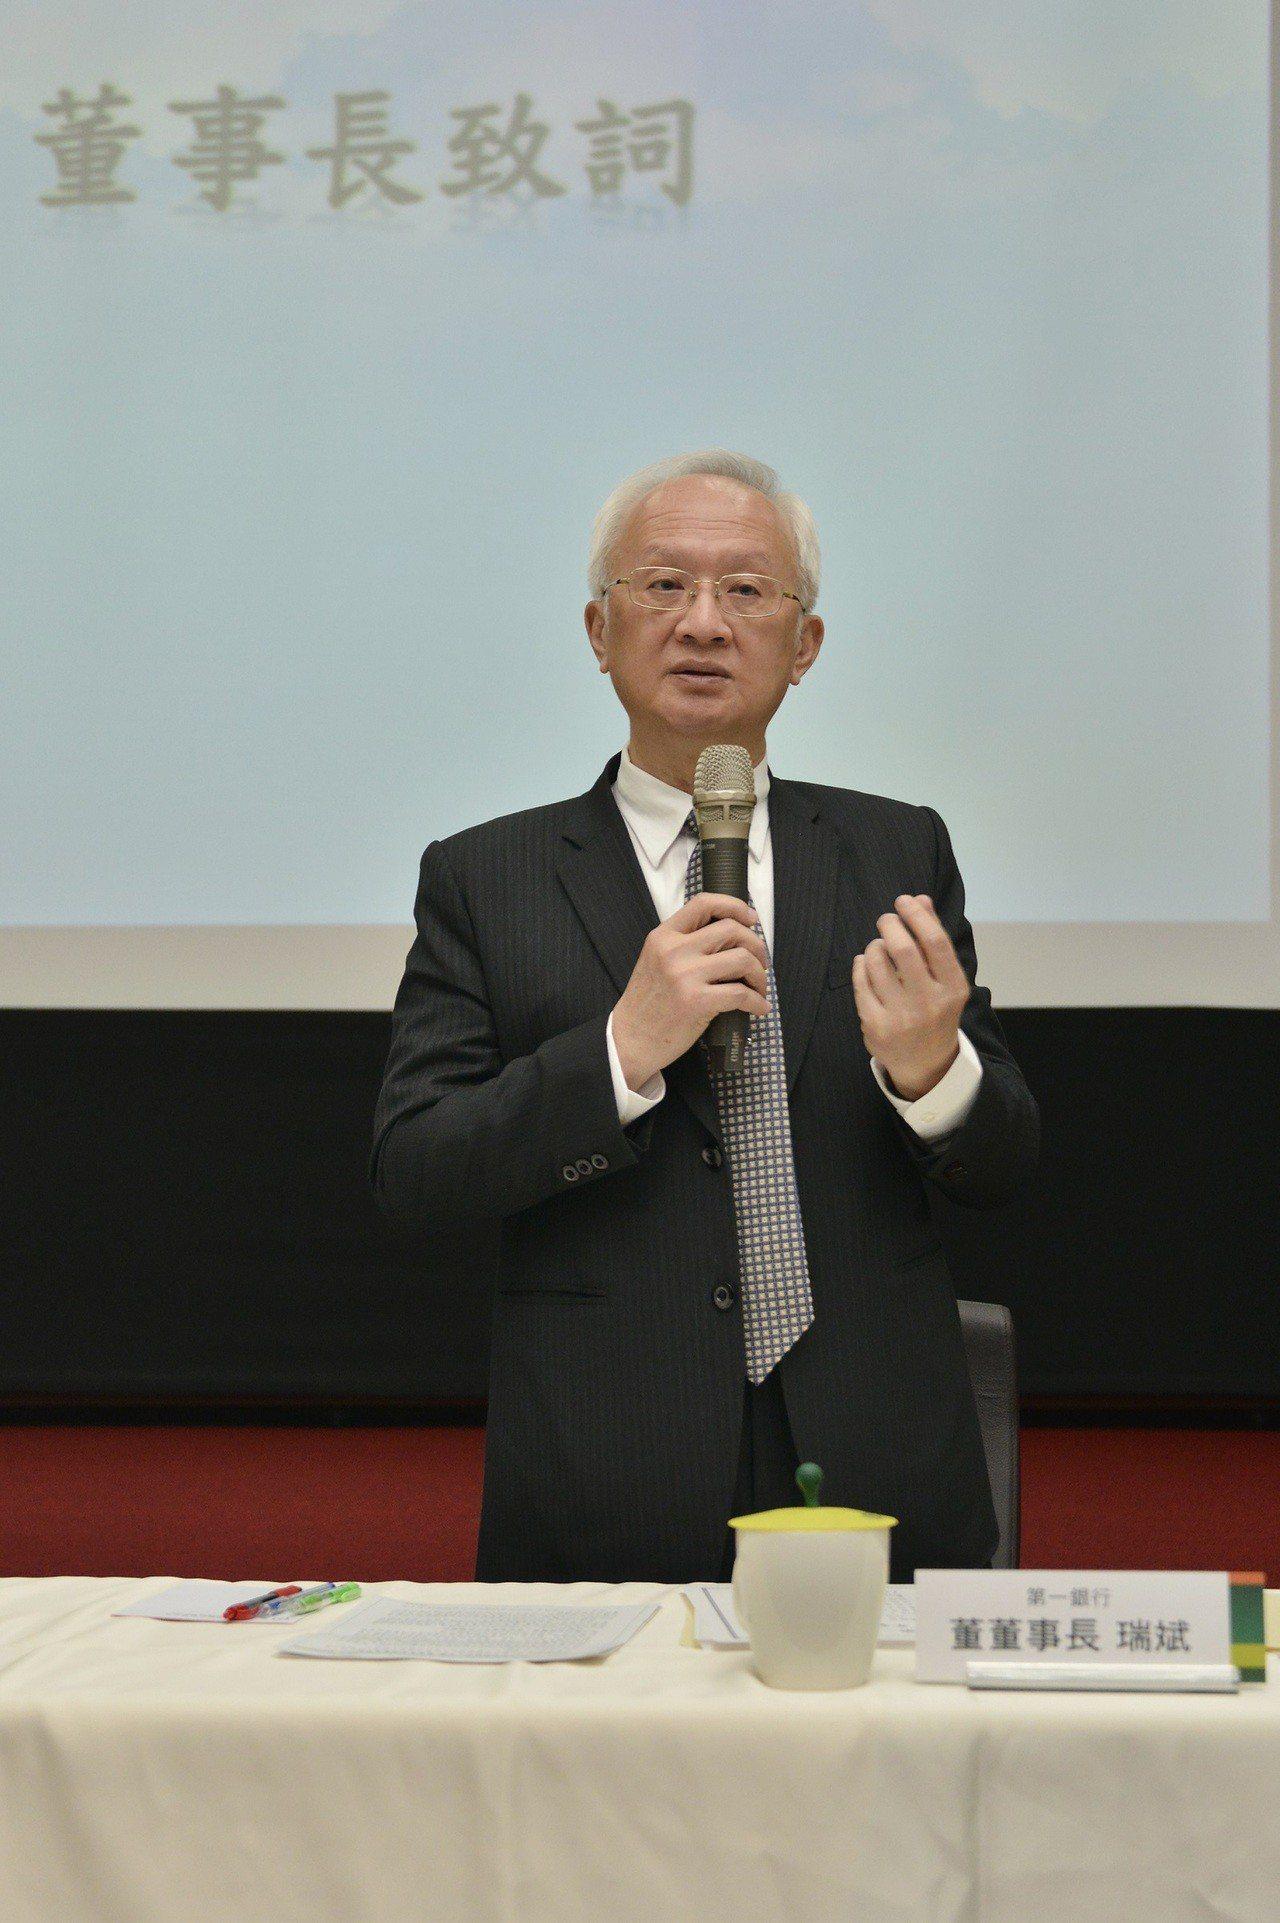 第一銀行董事長董瑞斌主持全球經理人會議,期許經營團隊攜手再創佳績。第一銀行/提供